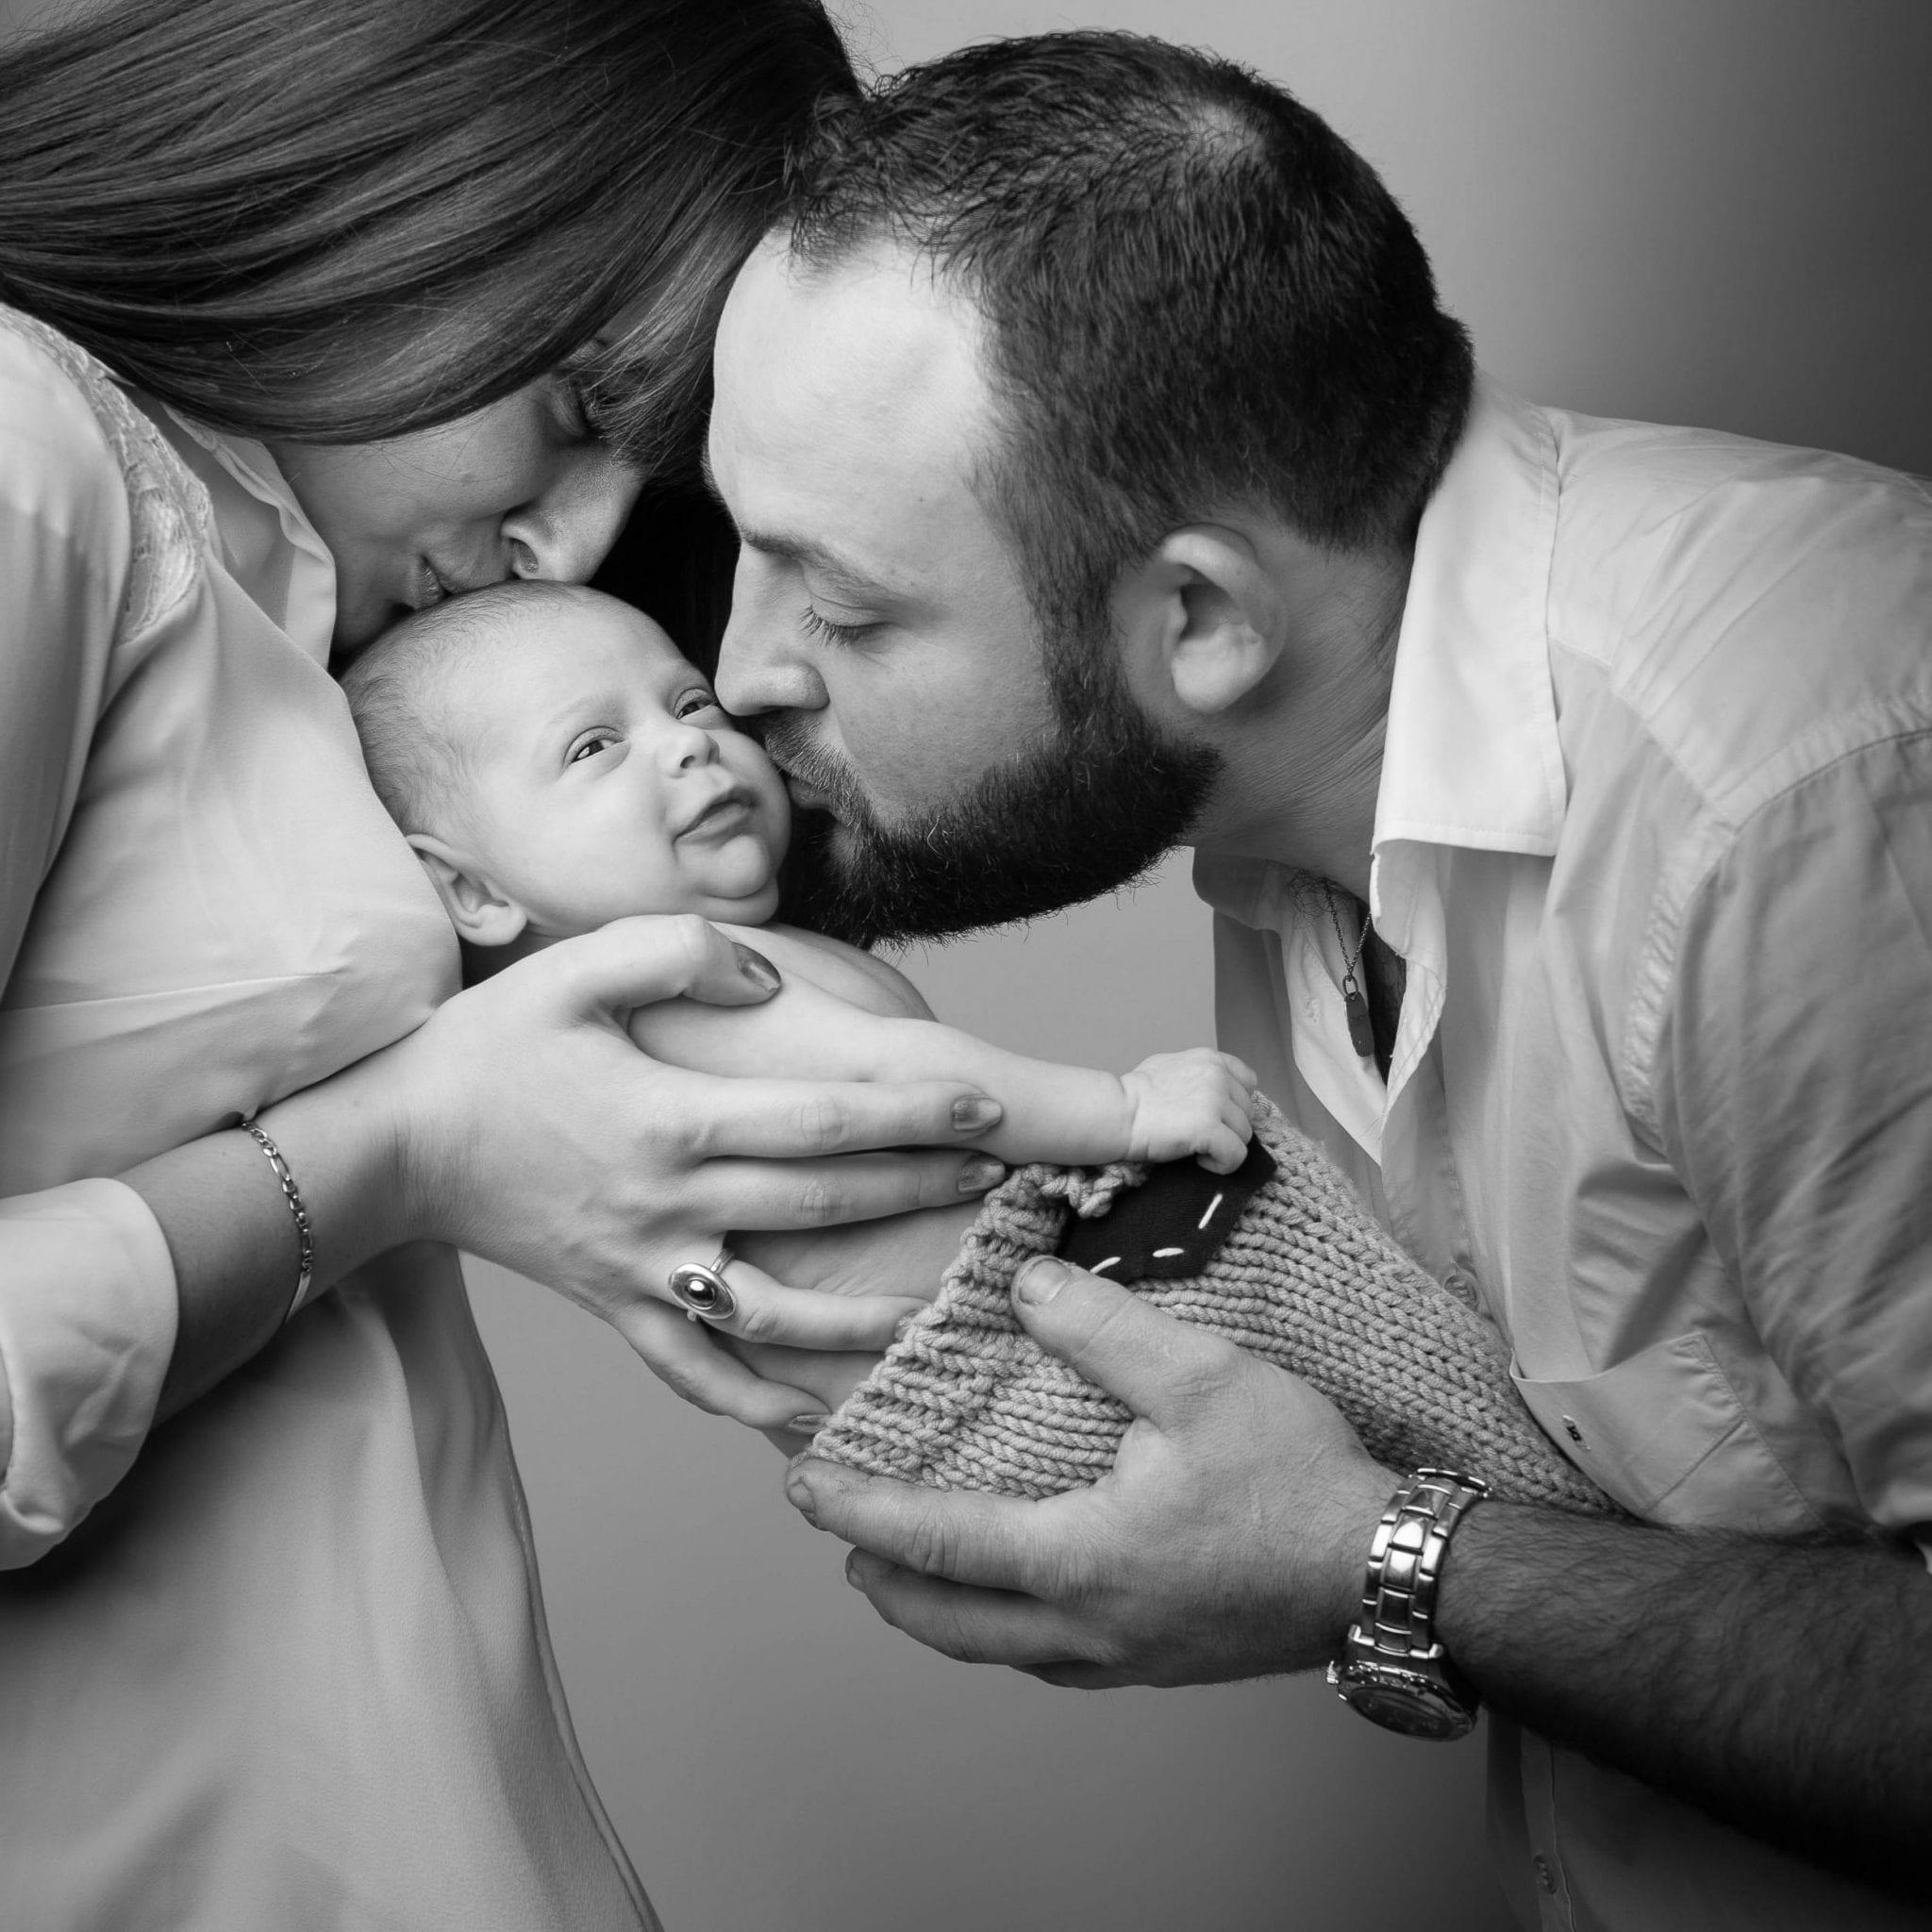 Photo de famille et bébé originale Studio End Naucelle